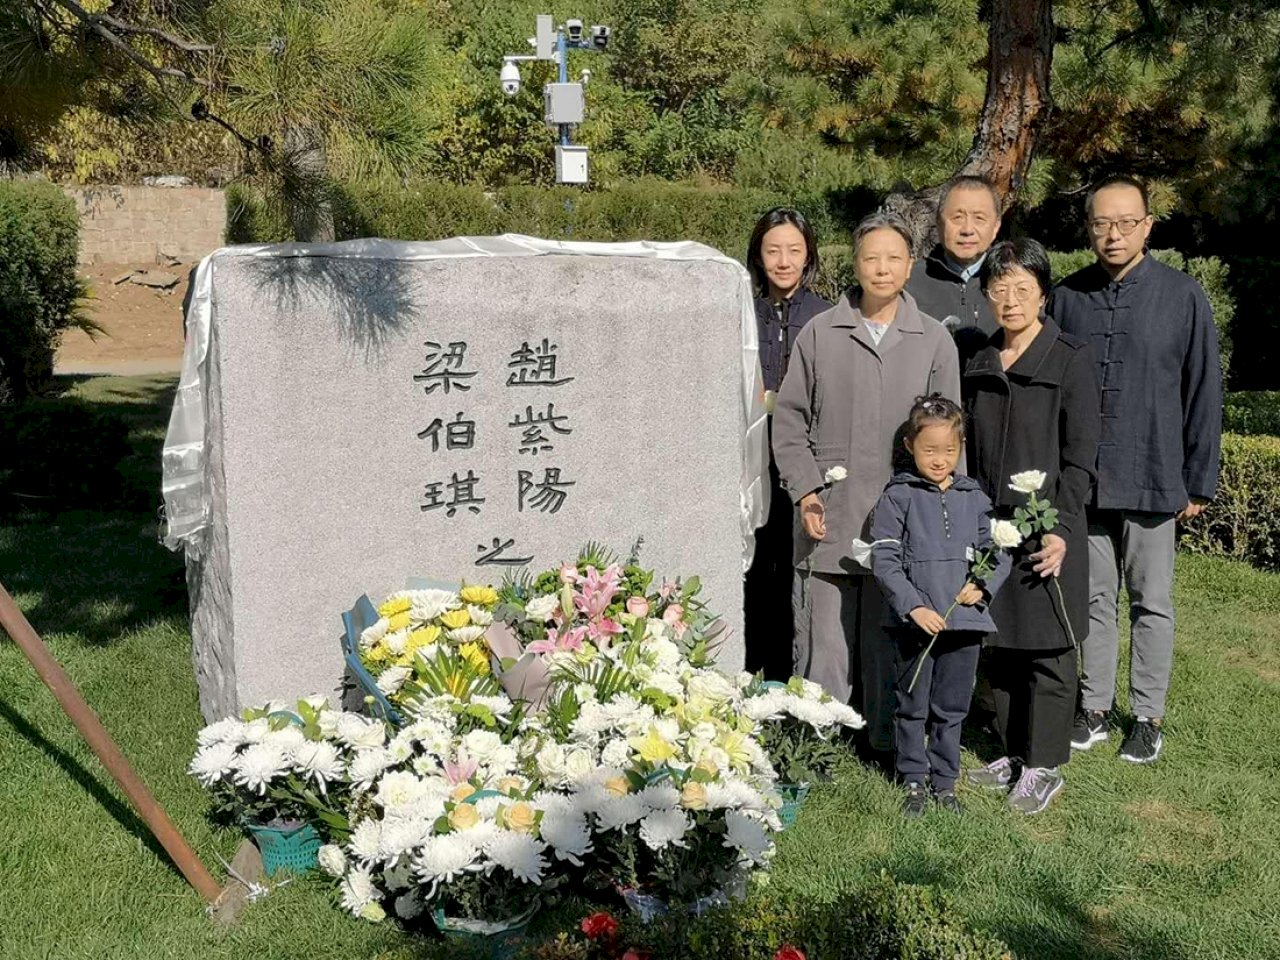 趙紫陽骨灰下葬1周年家屬前往拜祭 現場可見多個監控鏡頭